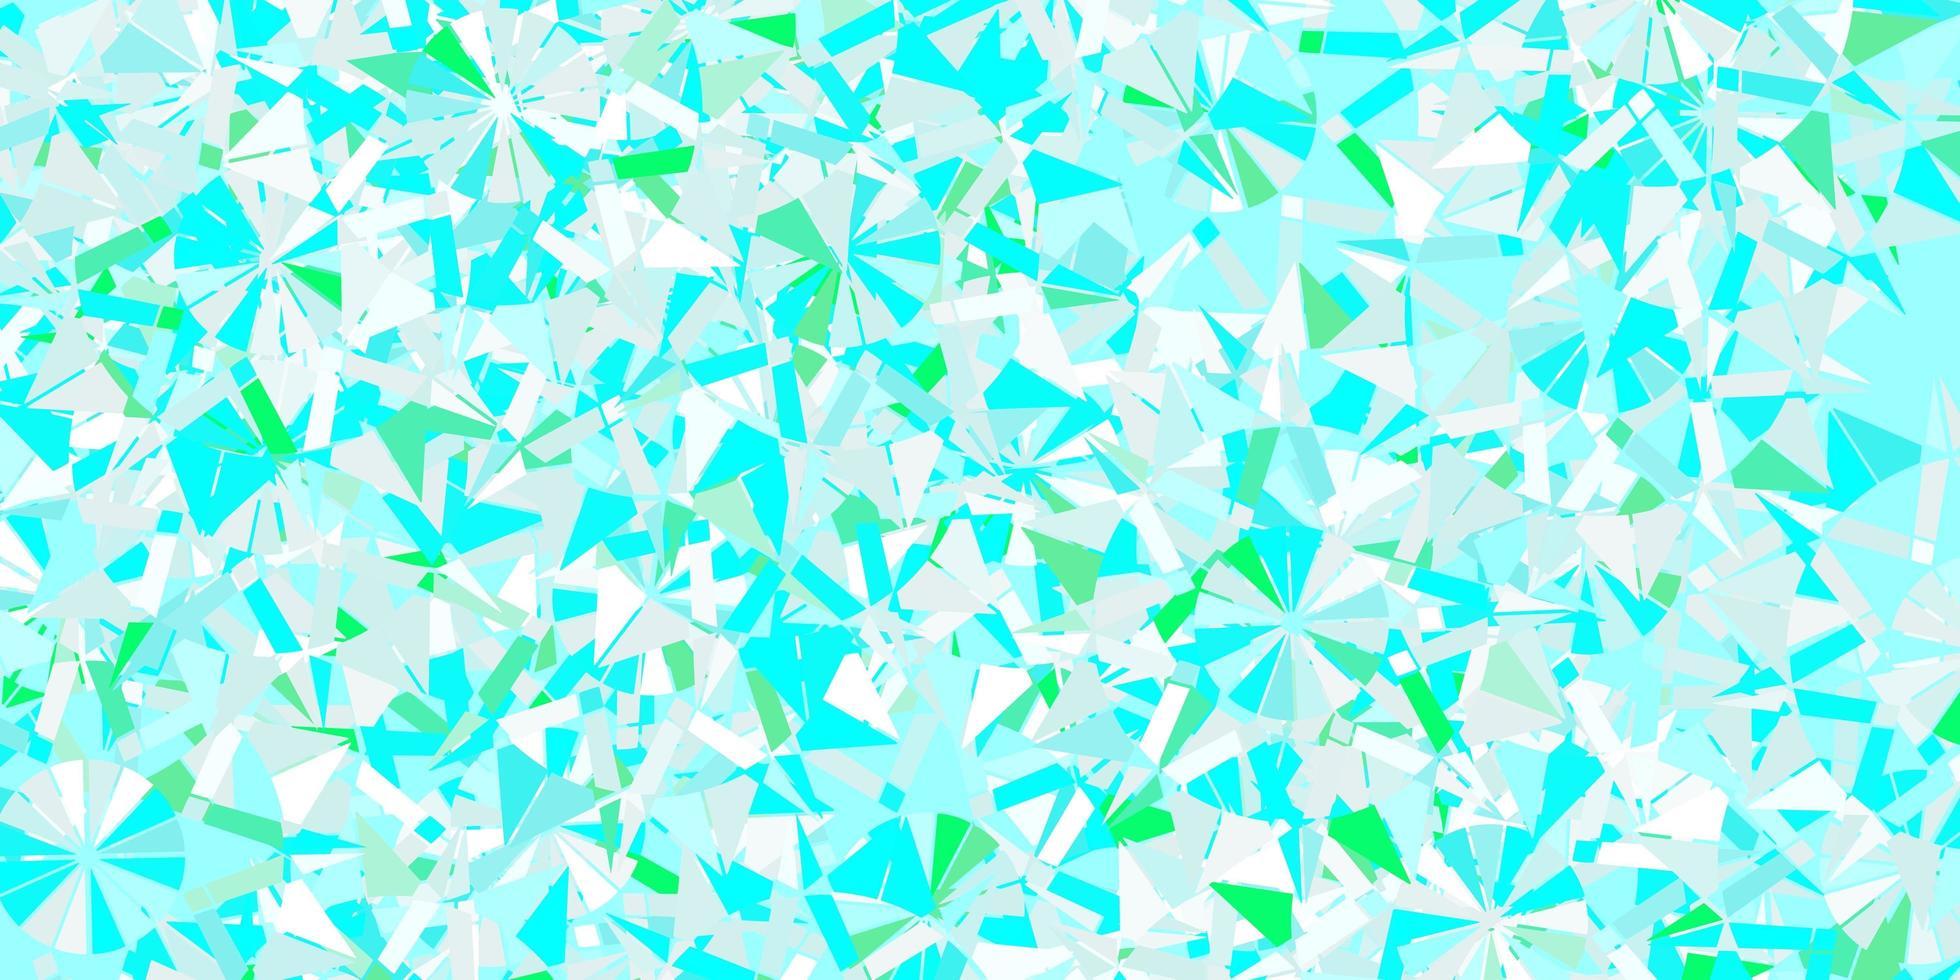 disposition de vecteur bleu clair, vert avec de beaux flocons de neige.